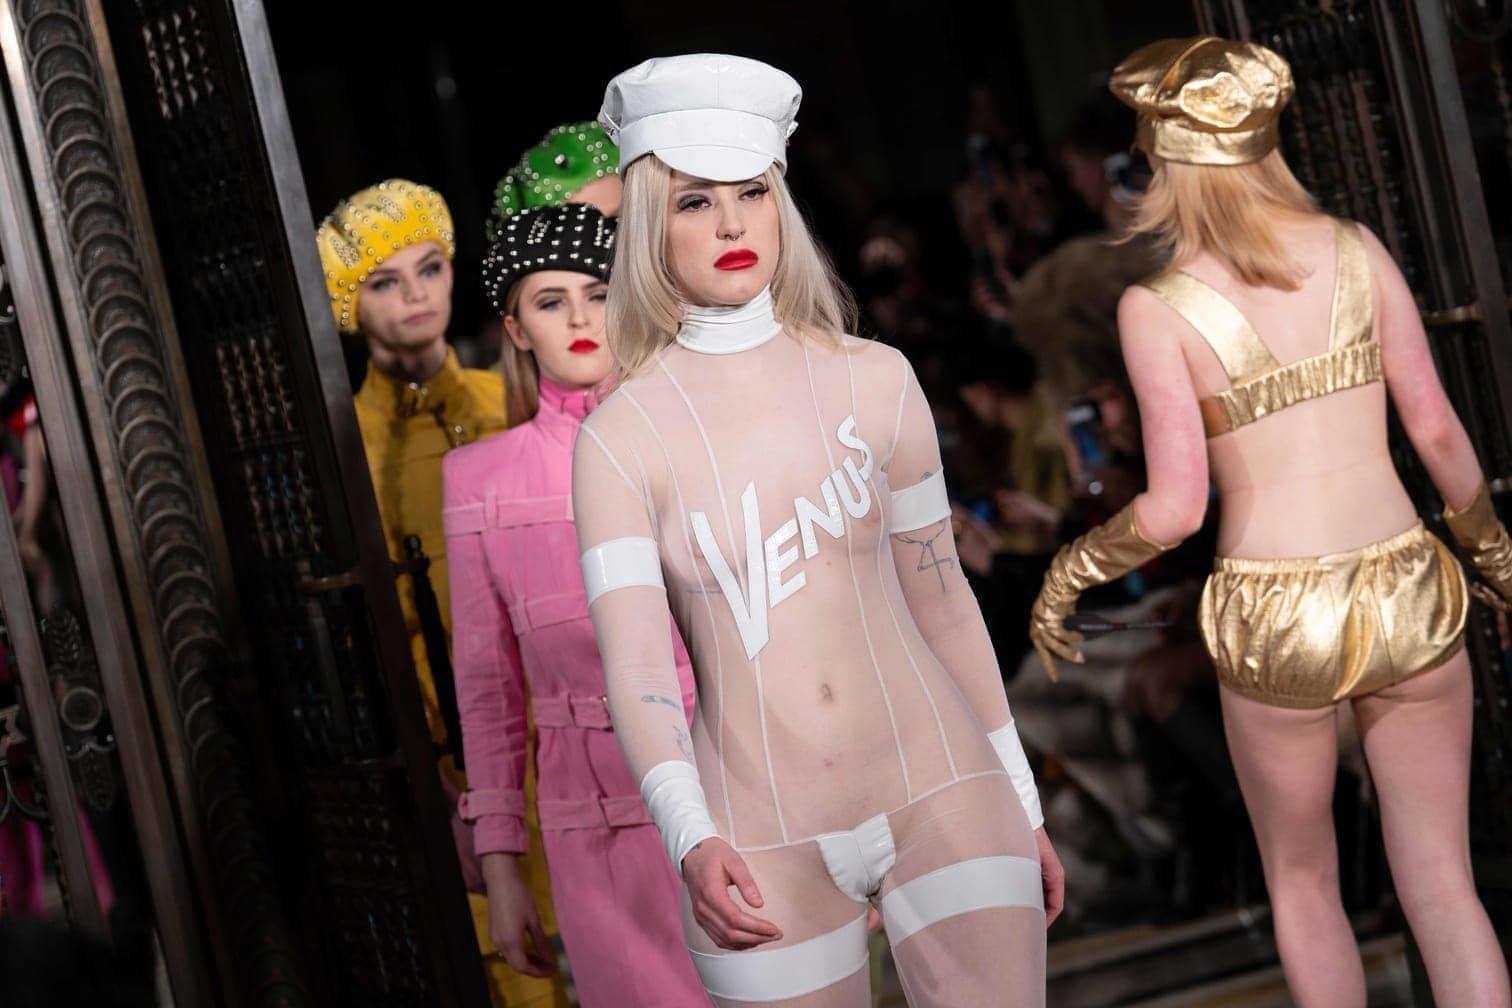 <p>Ist das noch Mode oder kann das weg? Designerin Pam Hogg schickte ihre Models in eher gewagten Outfits über die Laufstege der London Fashion Week.</p> Foto: AFP/Niklas Hallen